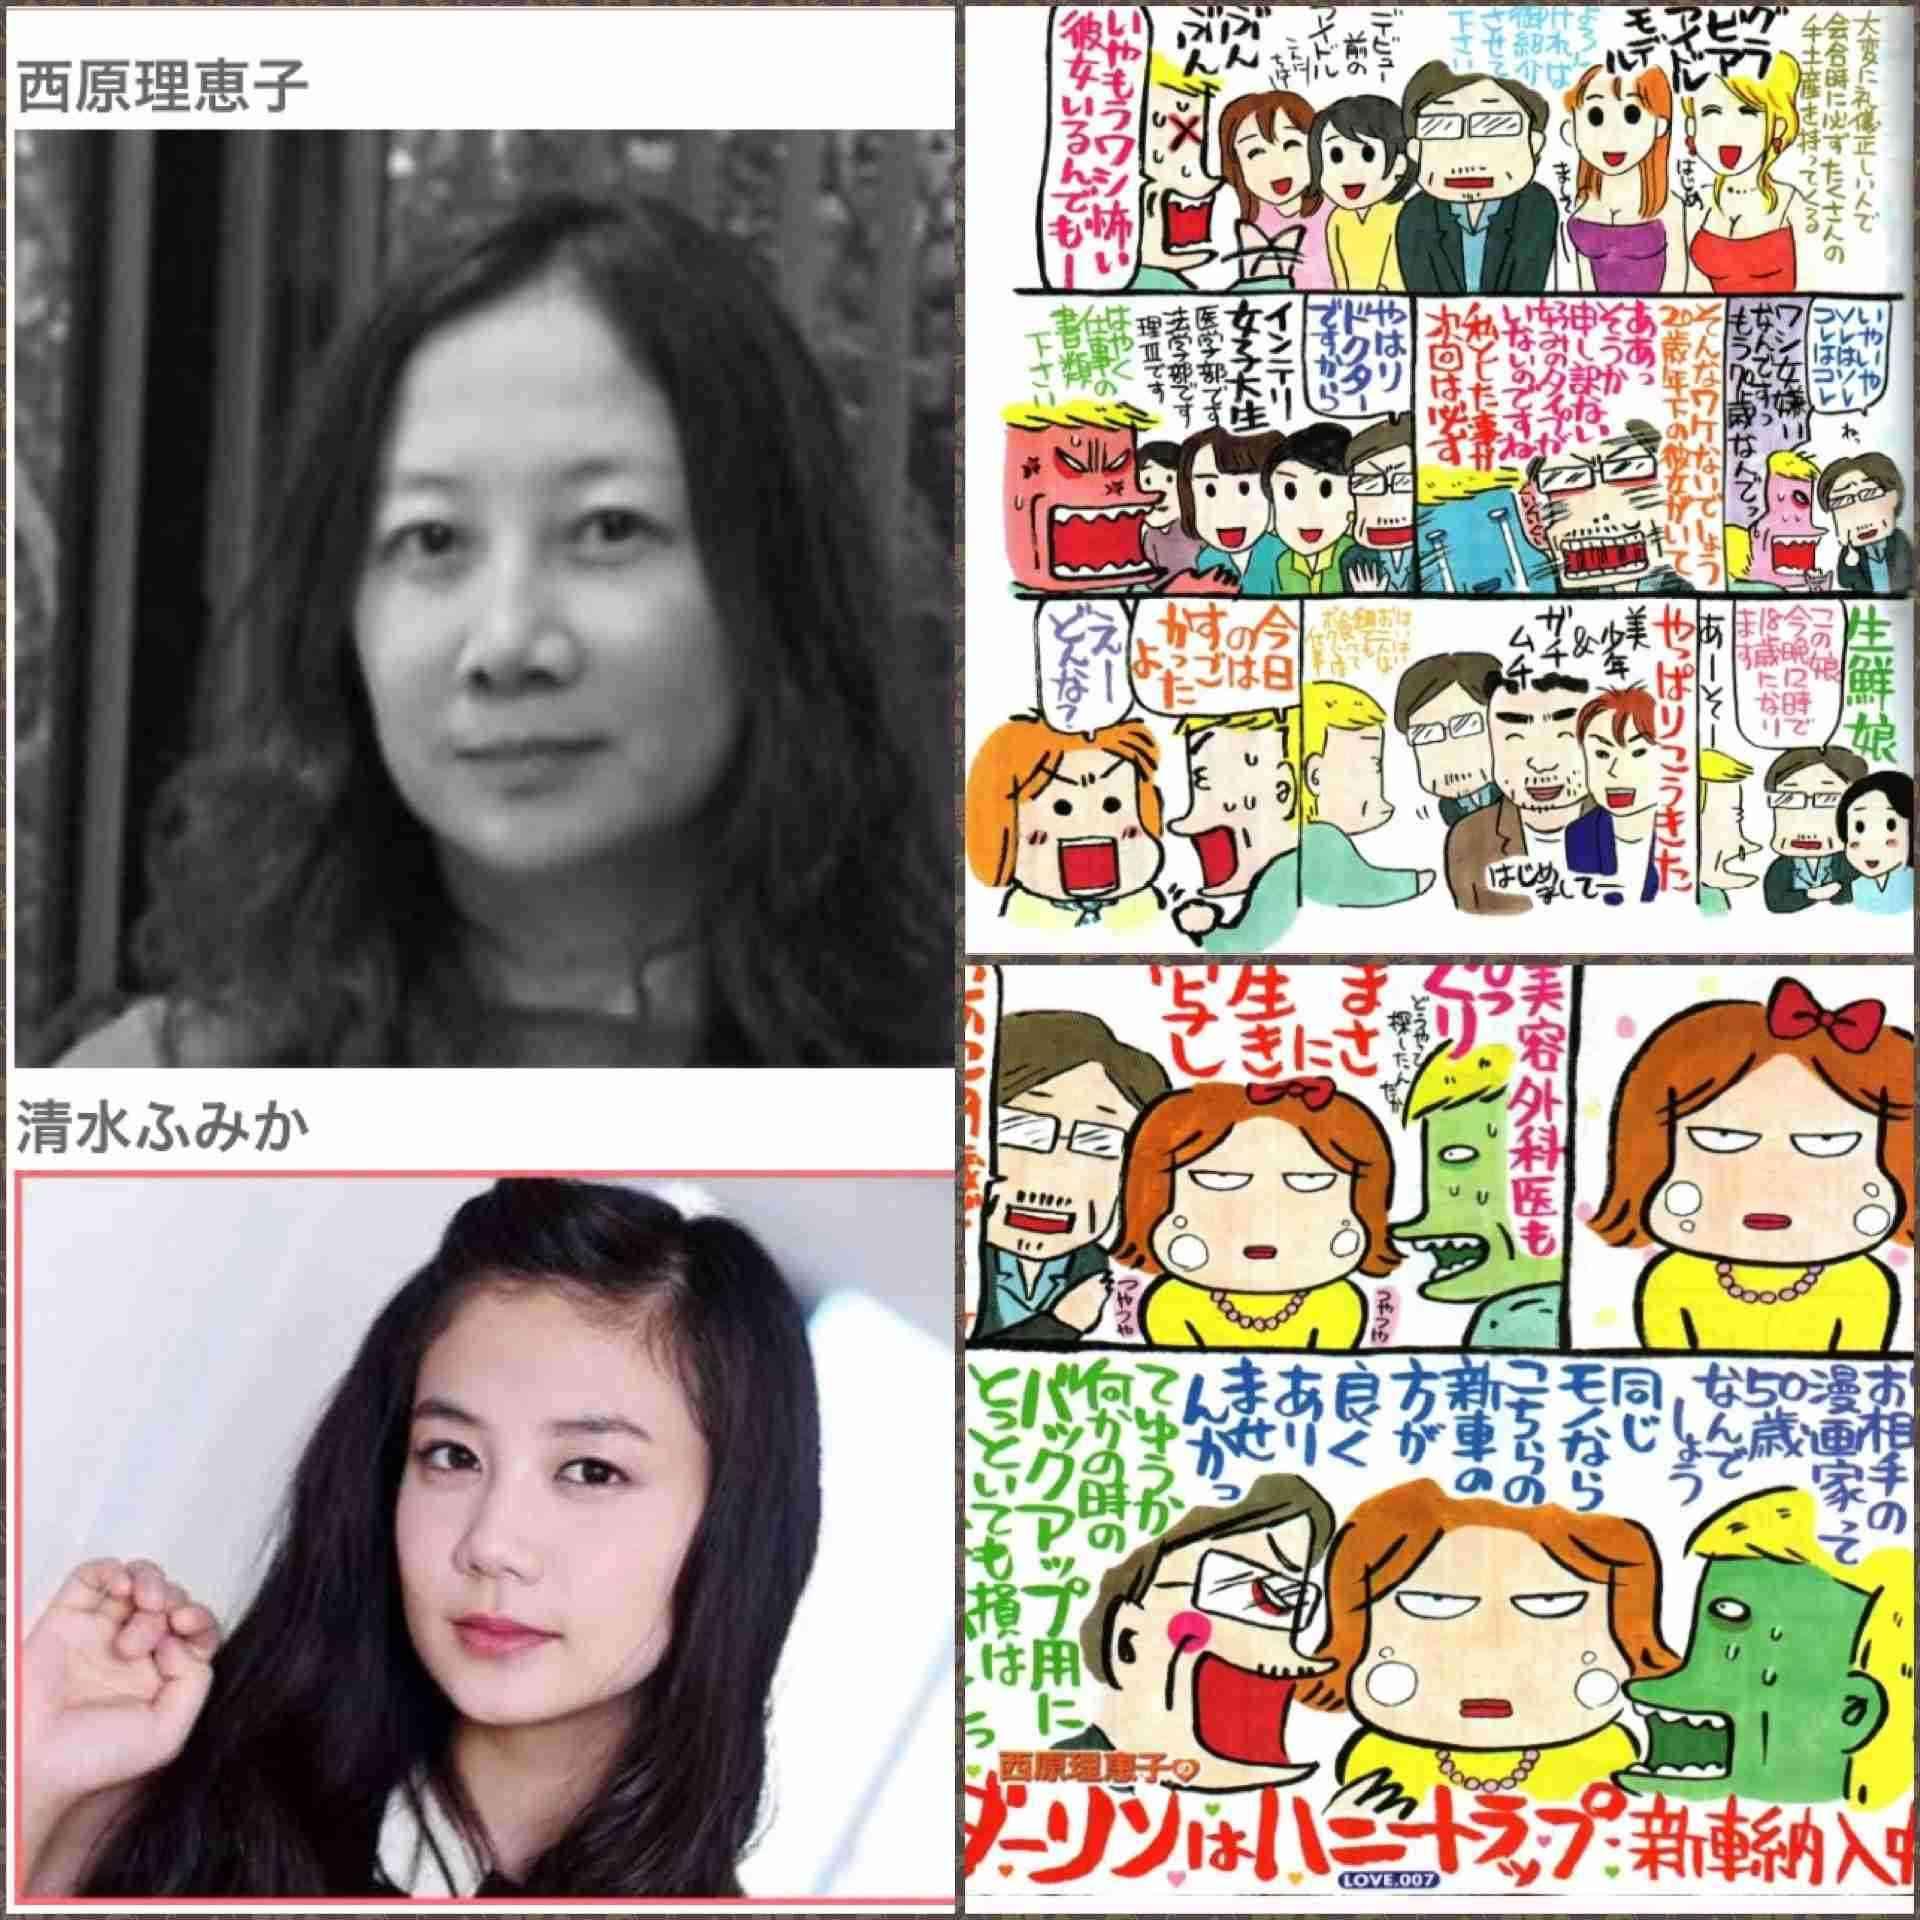 西原理恵子の漫画にて高須に枕(未遂)させられる清水富美加と思われる描写が発見される